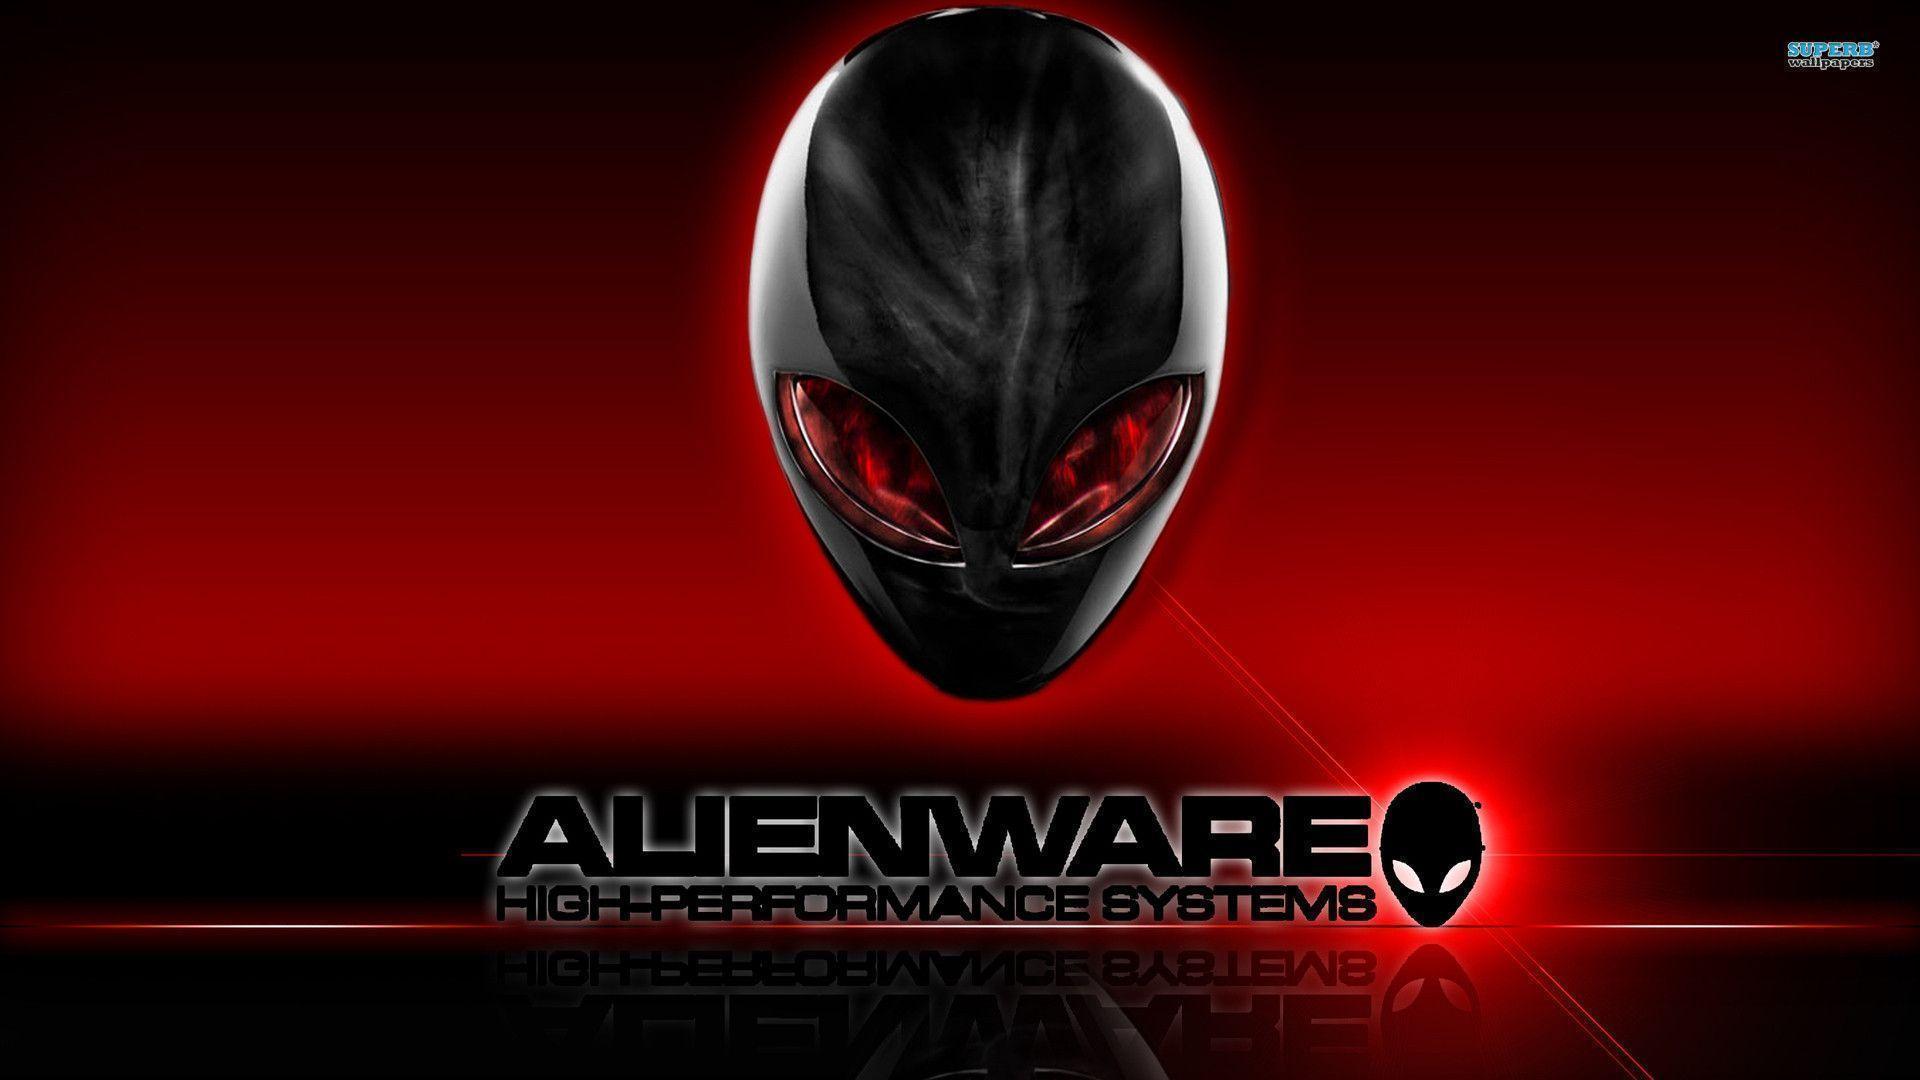 alienware desktop background red - photo #30